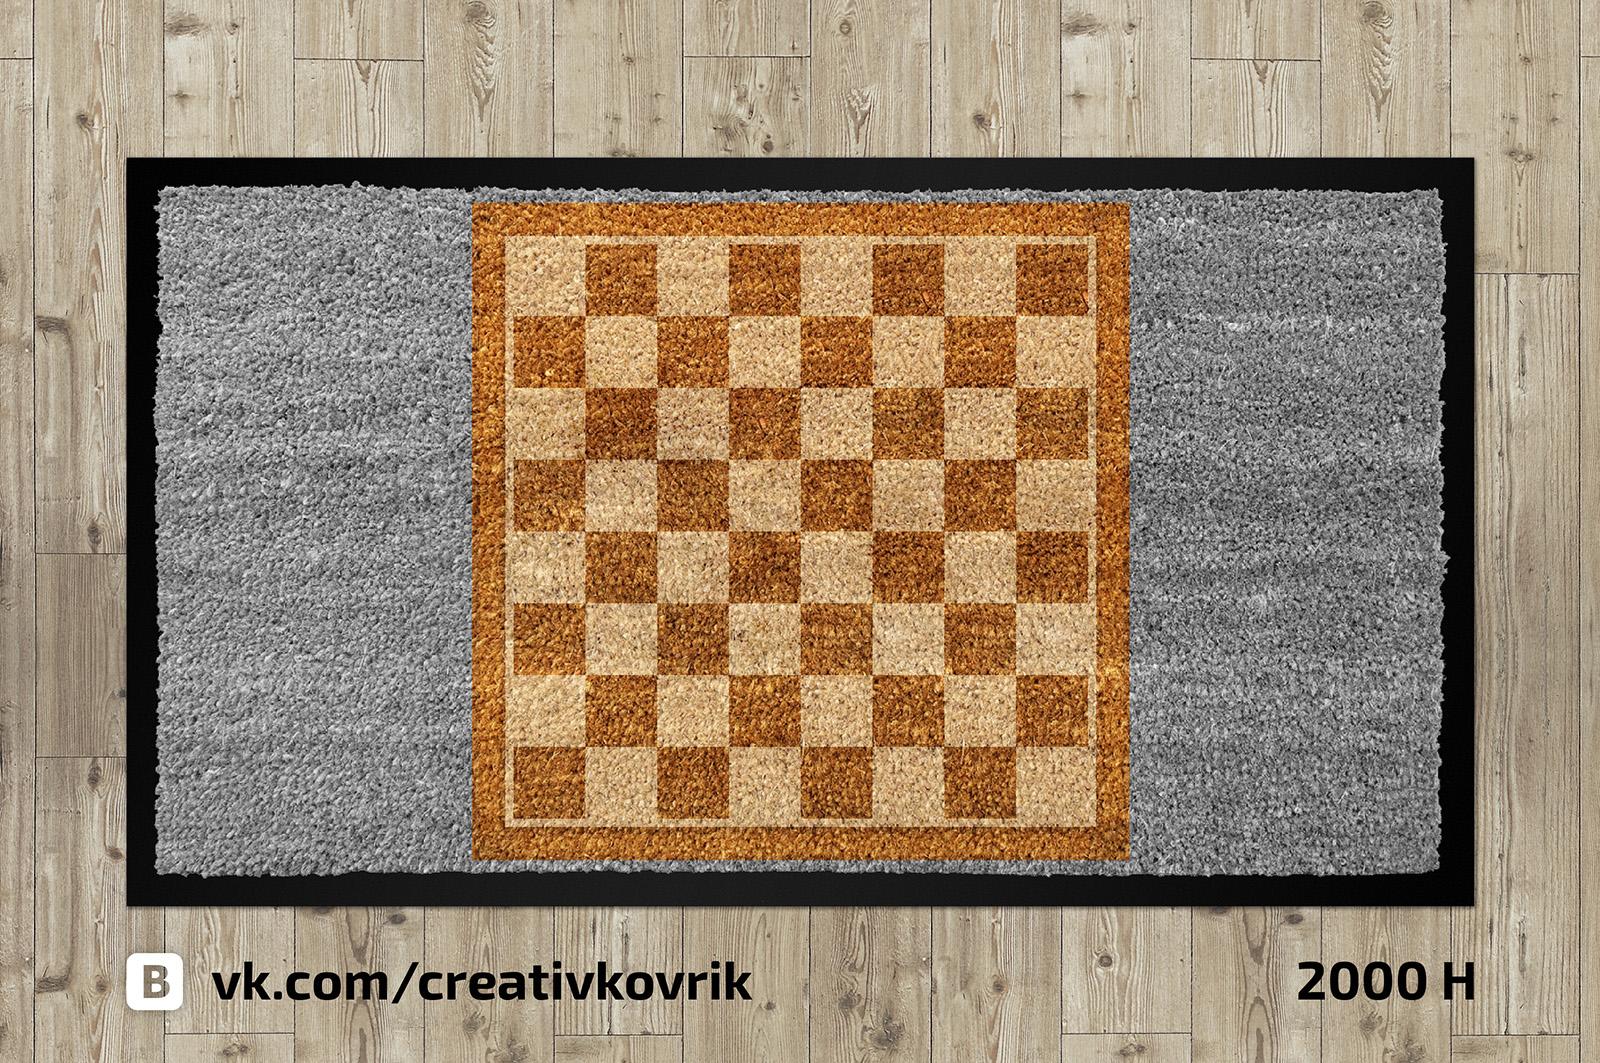 Сделать дизайн приддверного коврика фото f_901558aafc4566f8.jpg